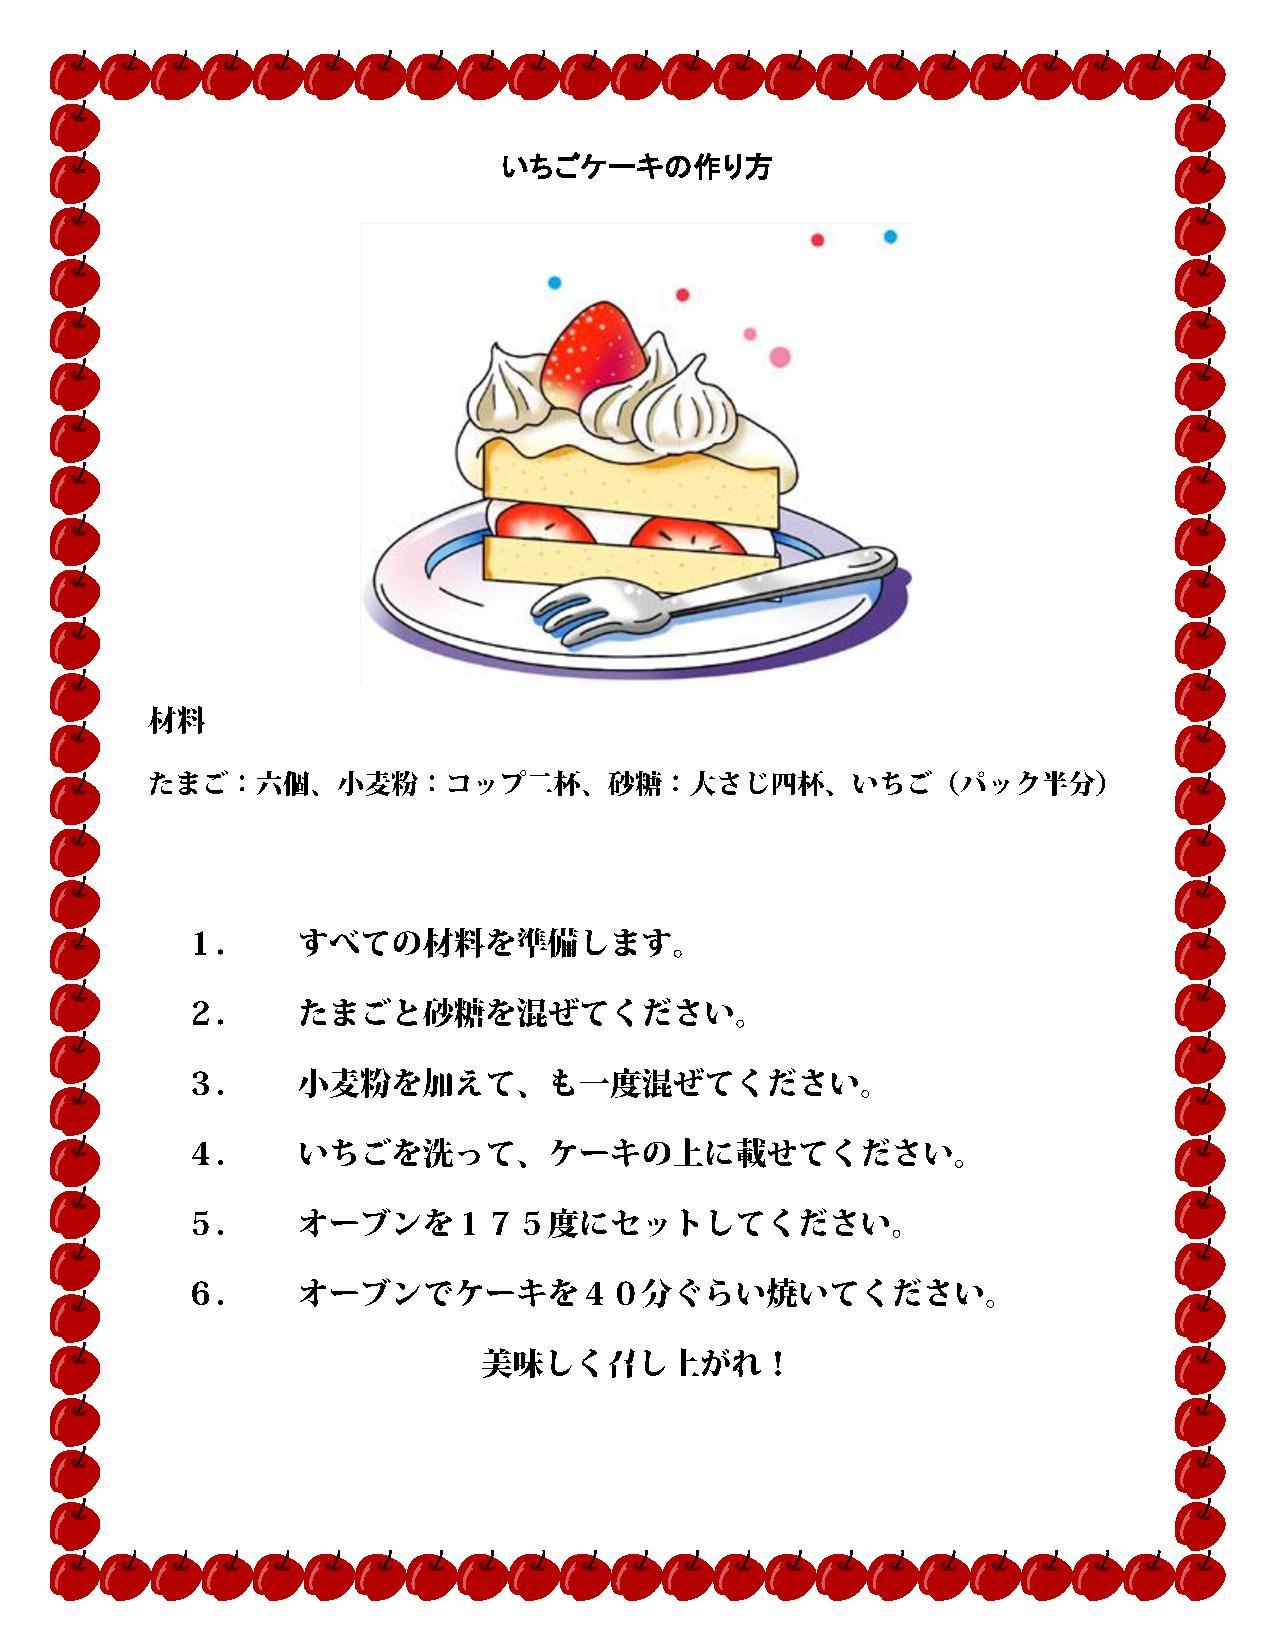 イチゴケーキ-page-001